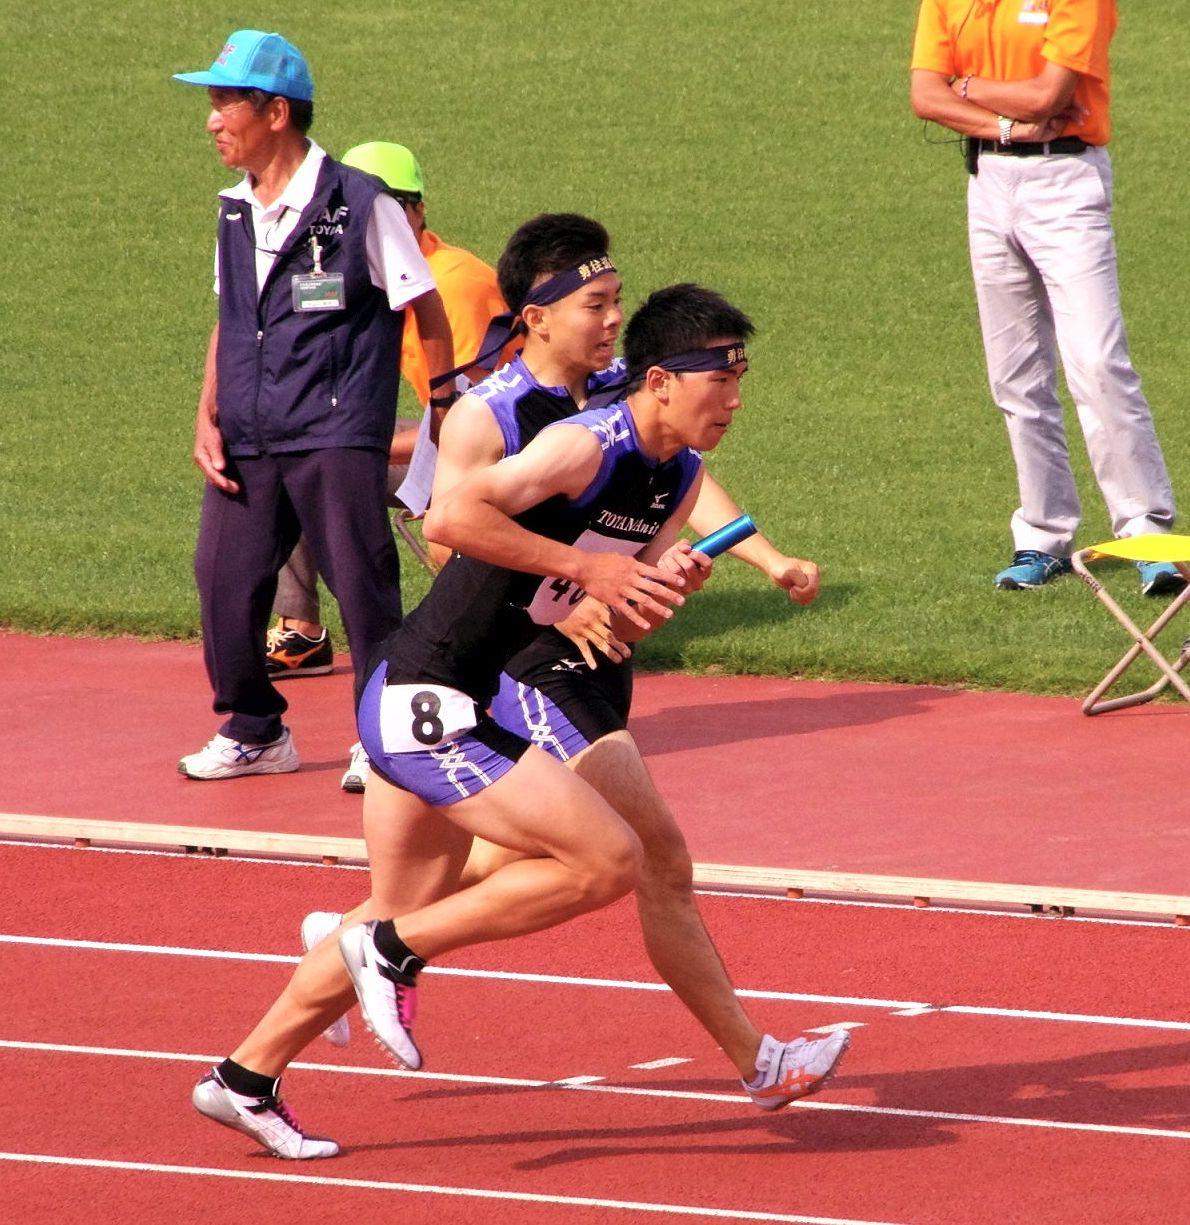 平成30年度富山県高等学校総合体育大会陸上競技において優秀な成績をおさめました。